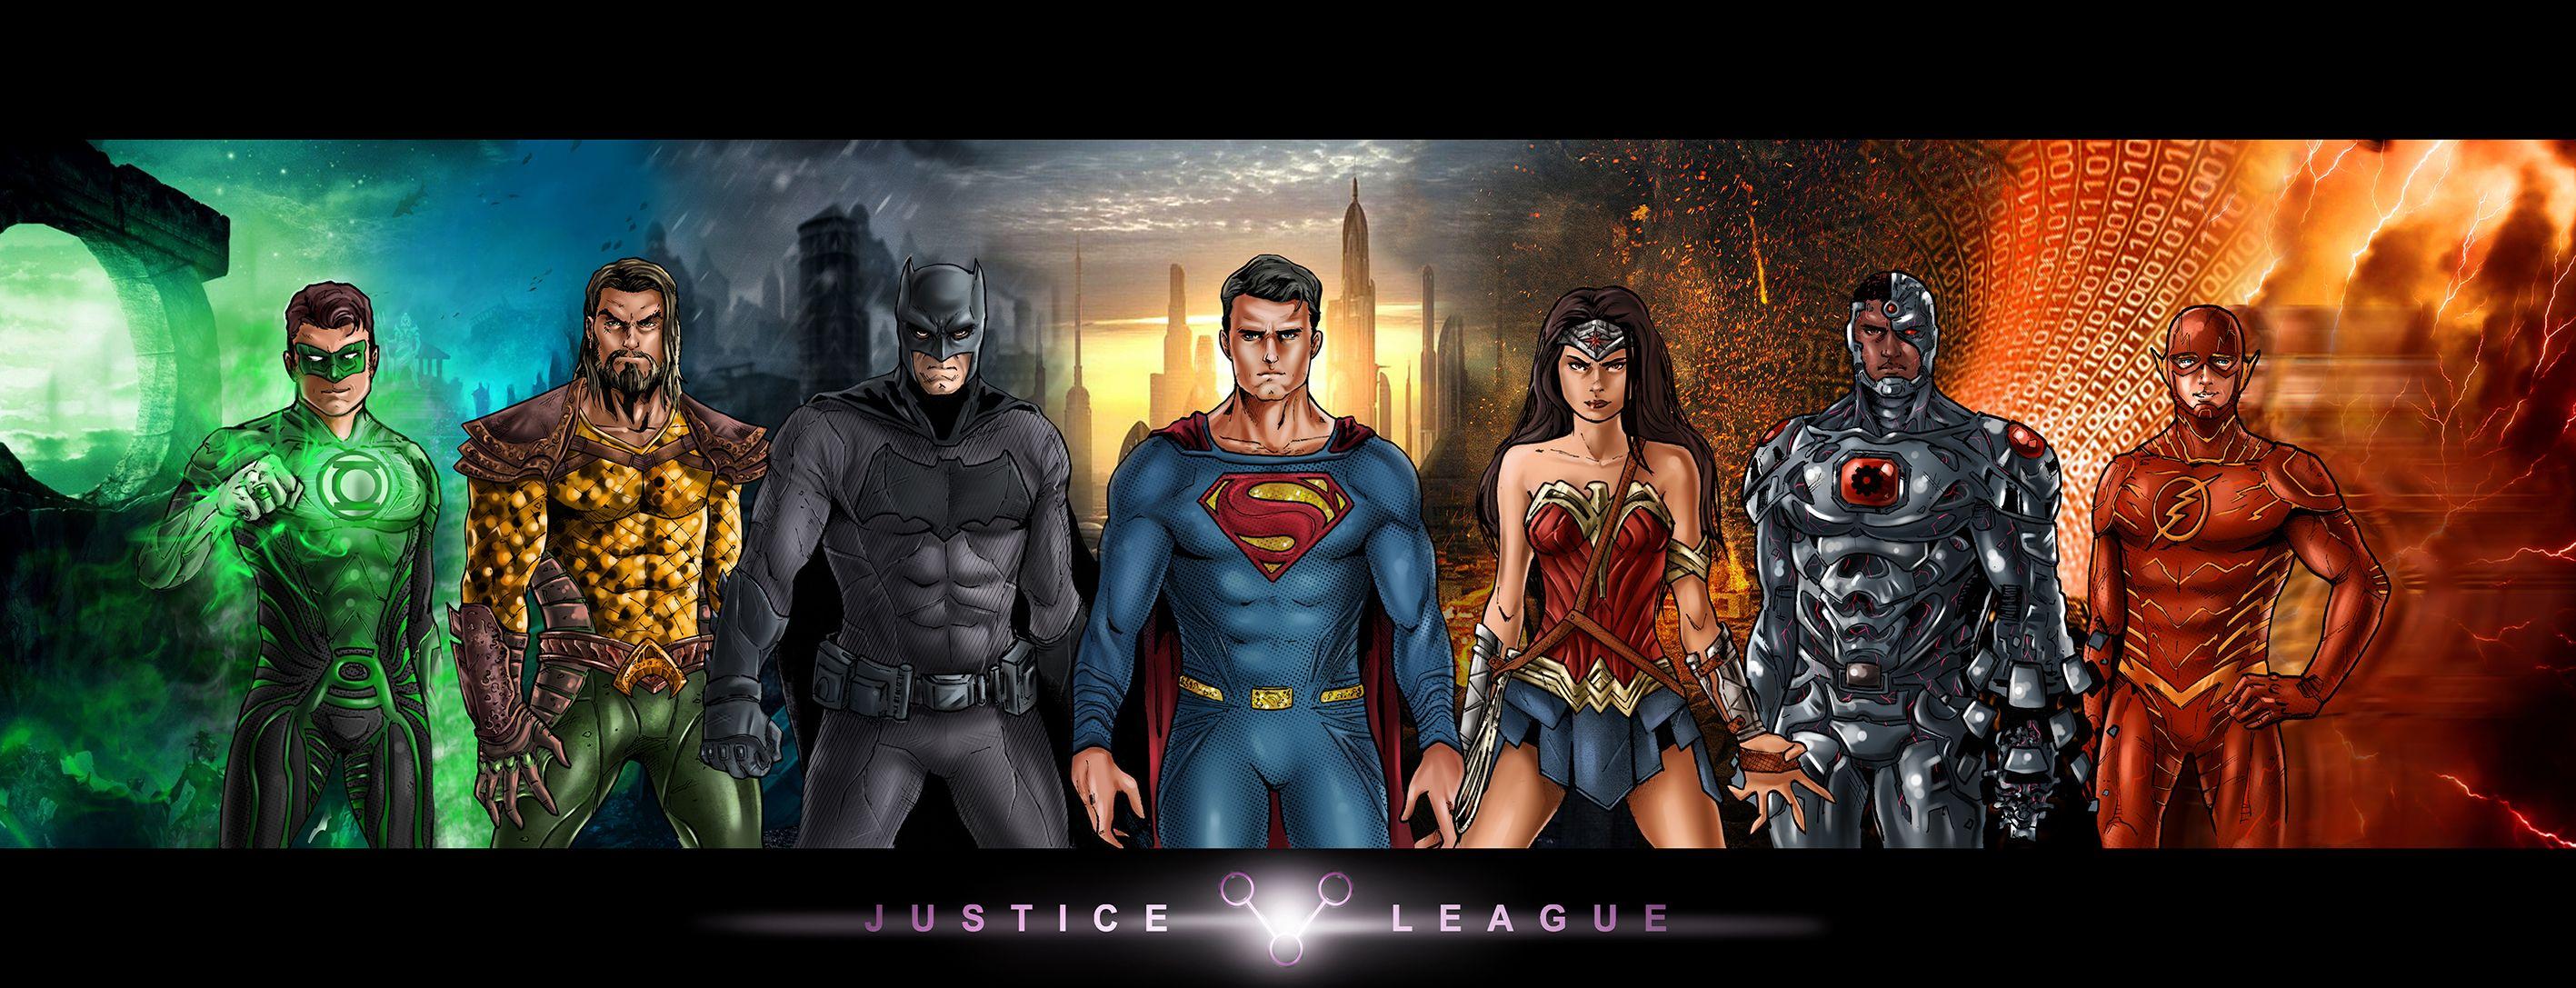 JUSTICE LEAGUE by Nezotholem.deviantart.com on @DeviantArt